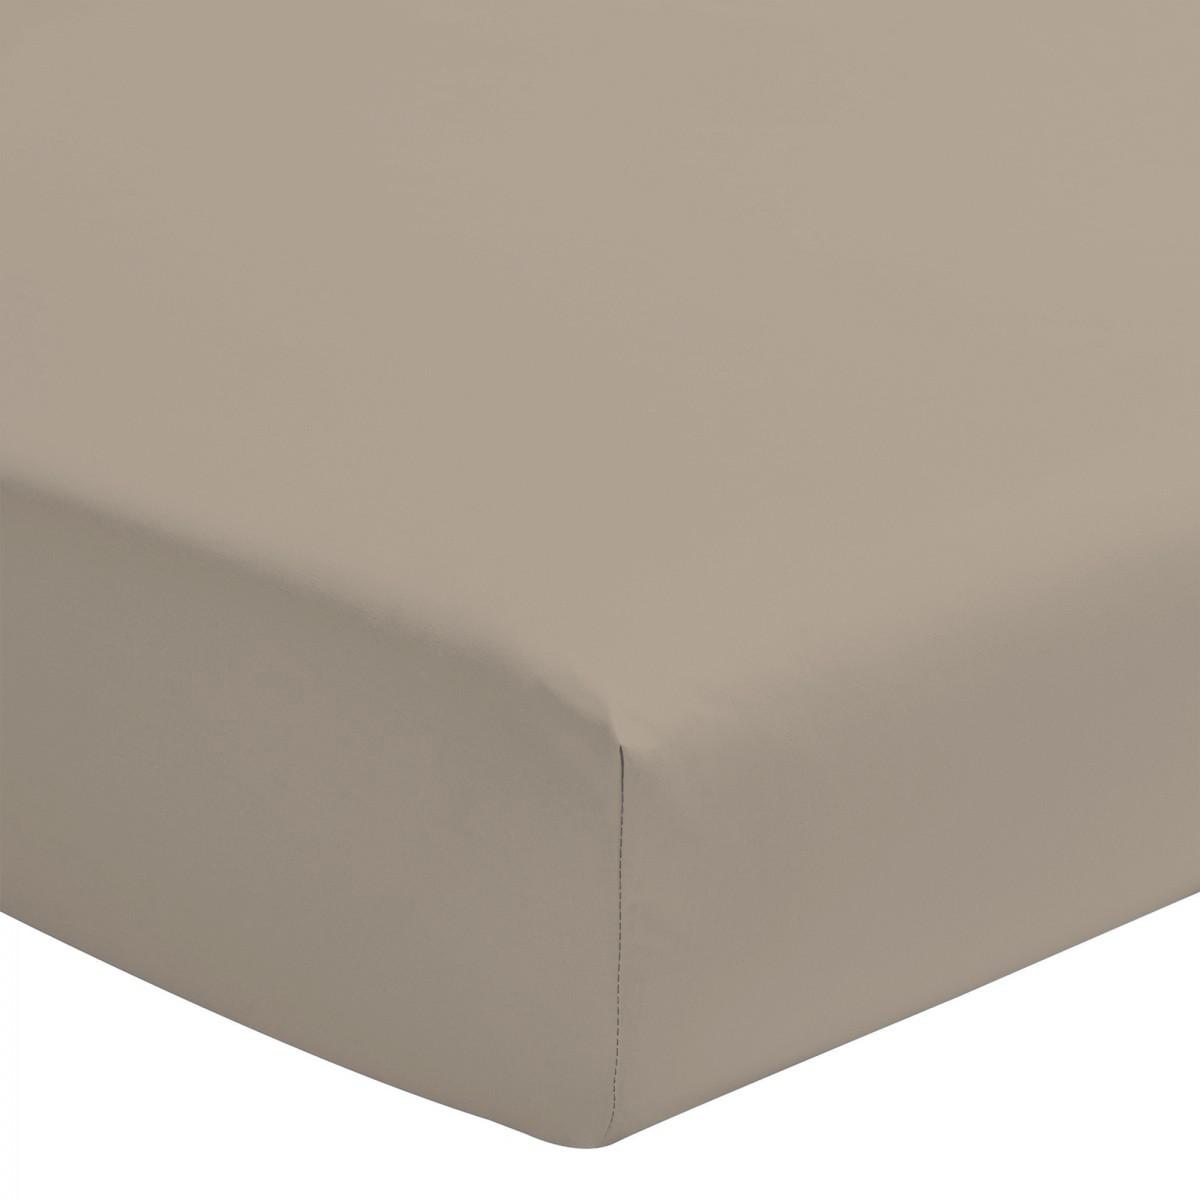 Drap housse percale de coton - Bonnet 30cm - Beige - 140x190 cm